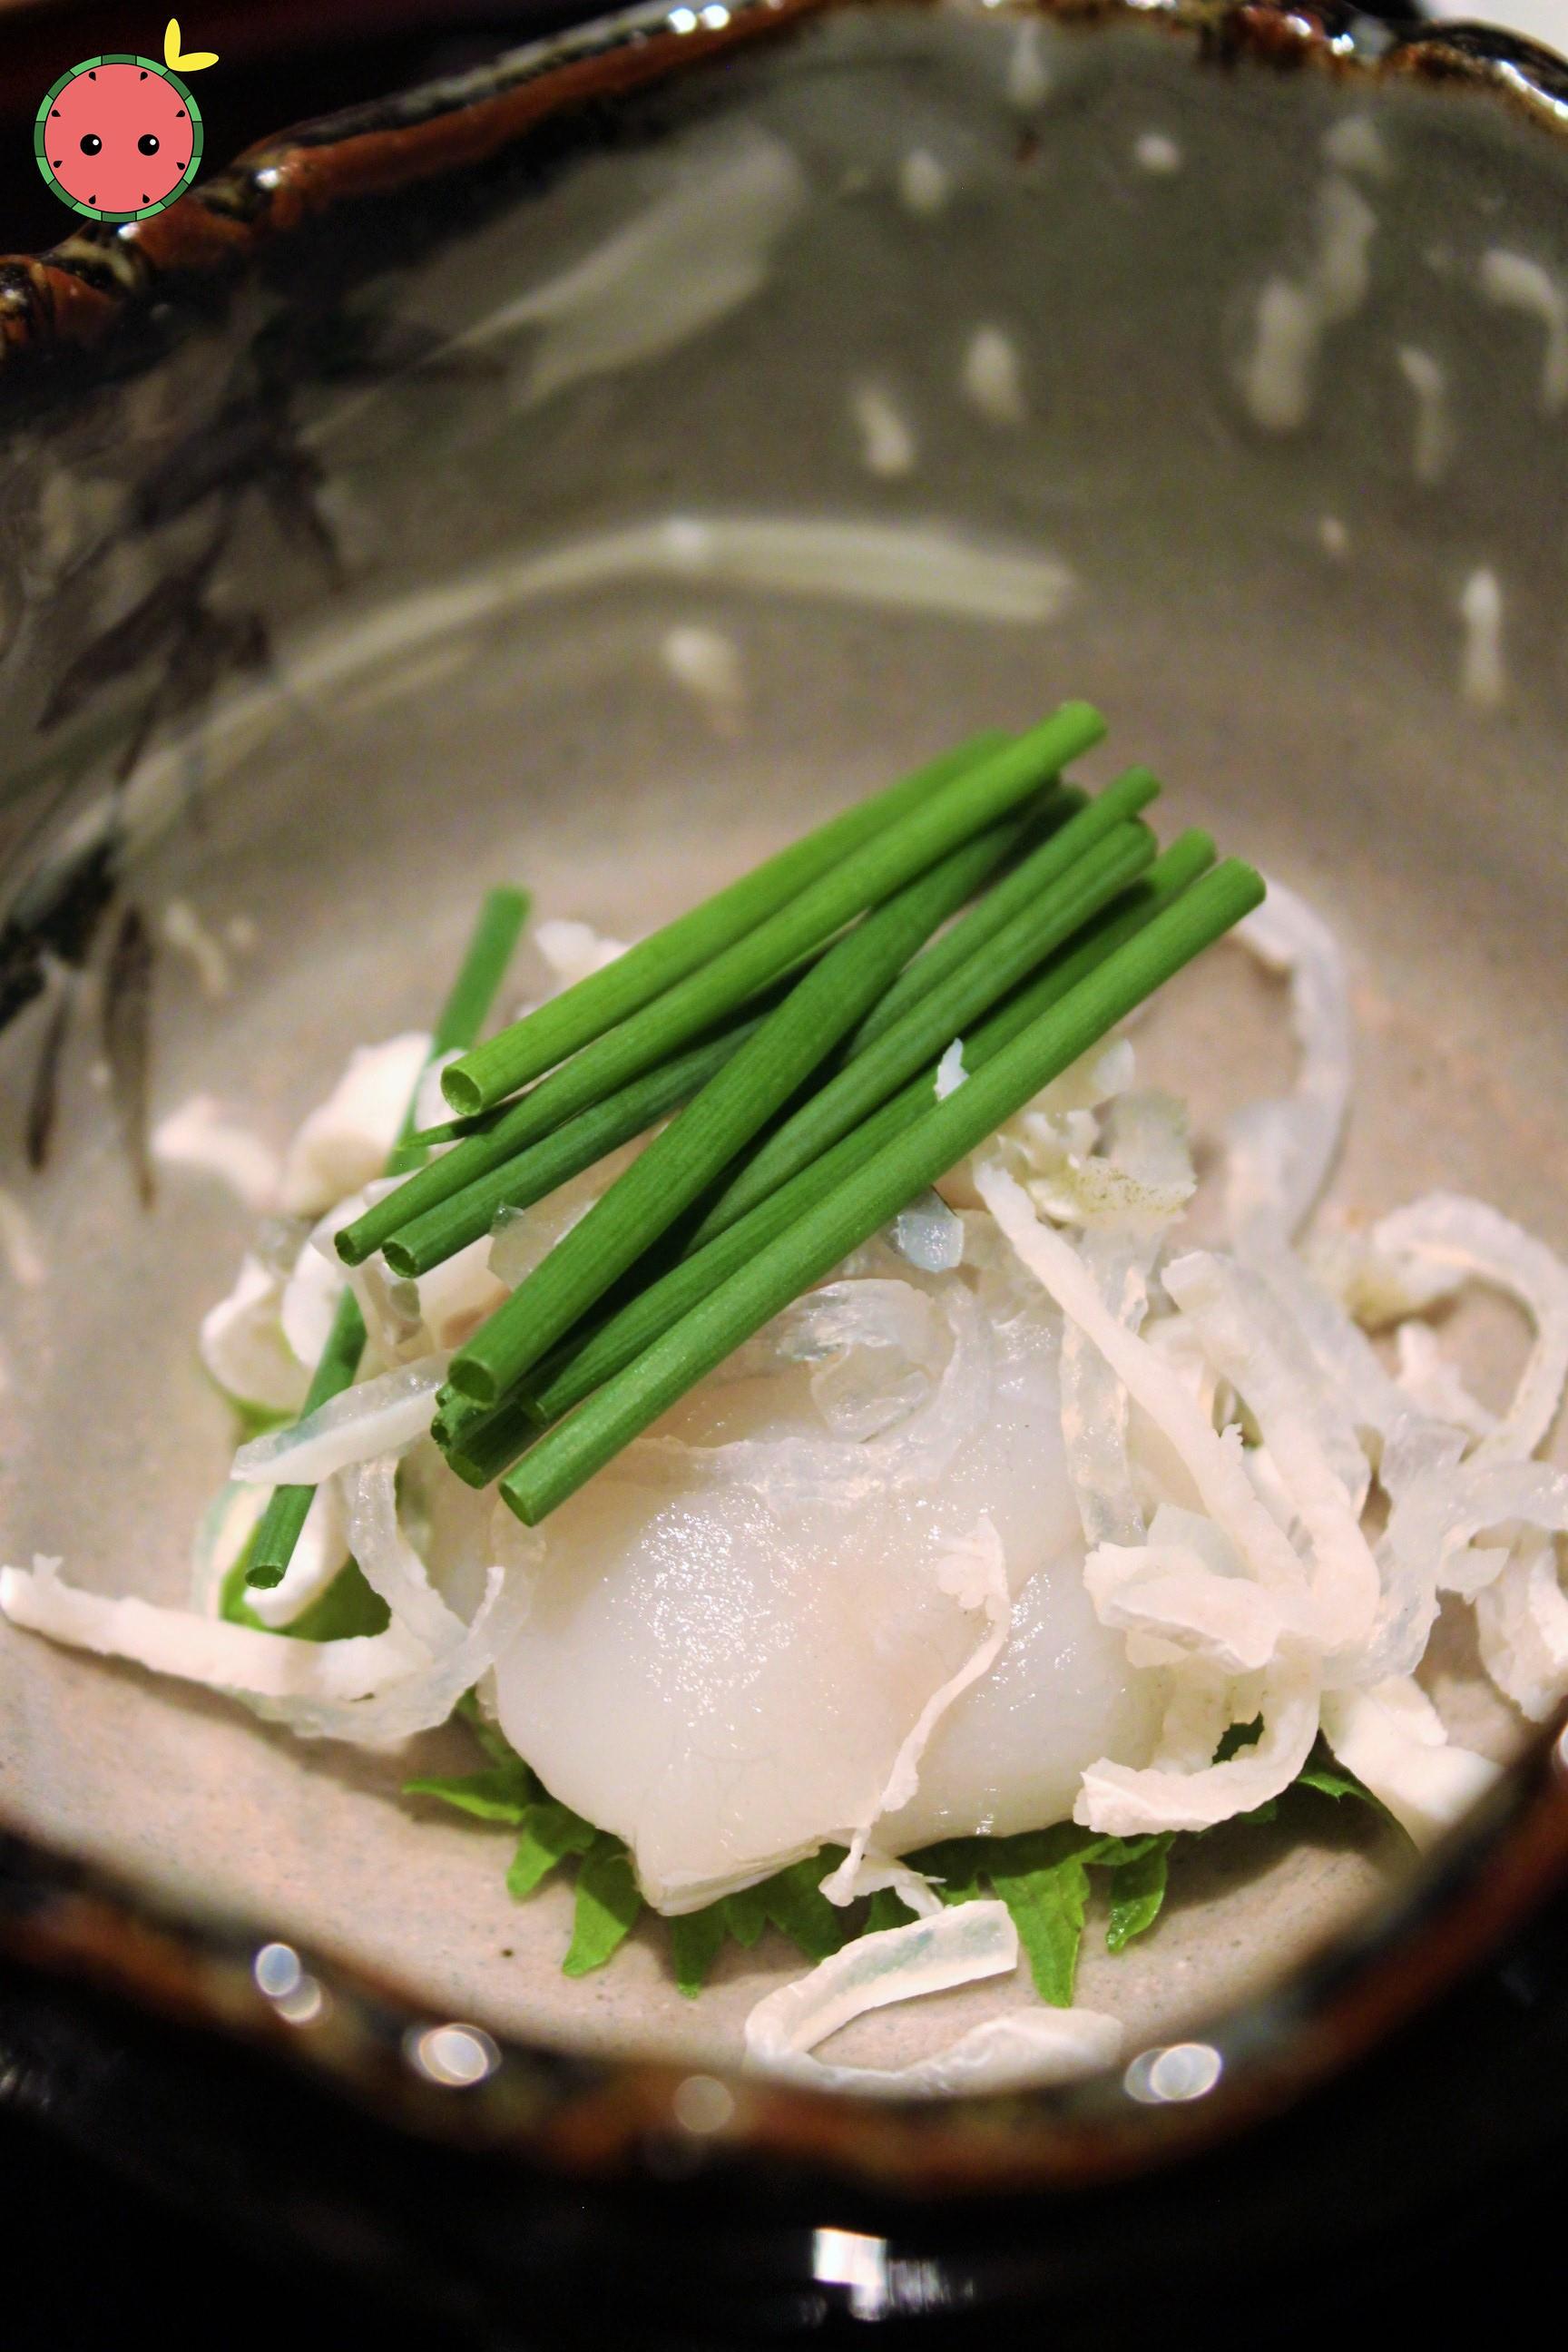 Fugu Skin and Meat